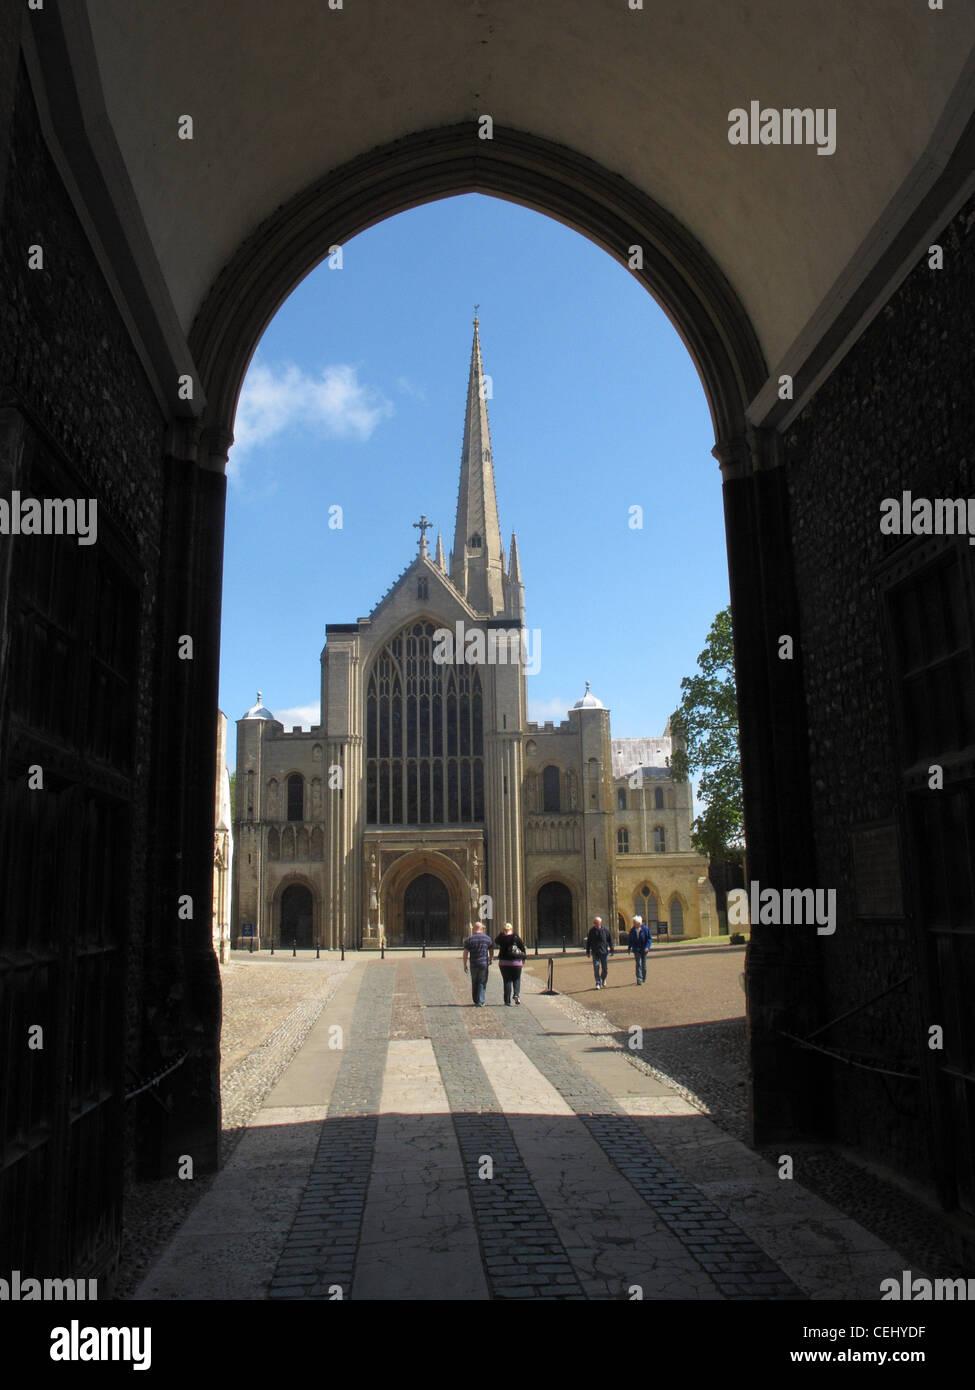 Cathédrale de Norwich, une 900 ans d'inspiration bénédictine, Norman construit centre de culte, Photo Stock